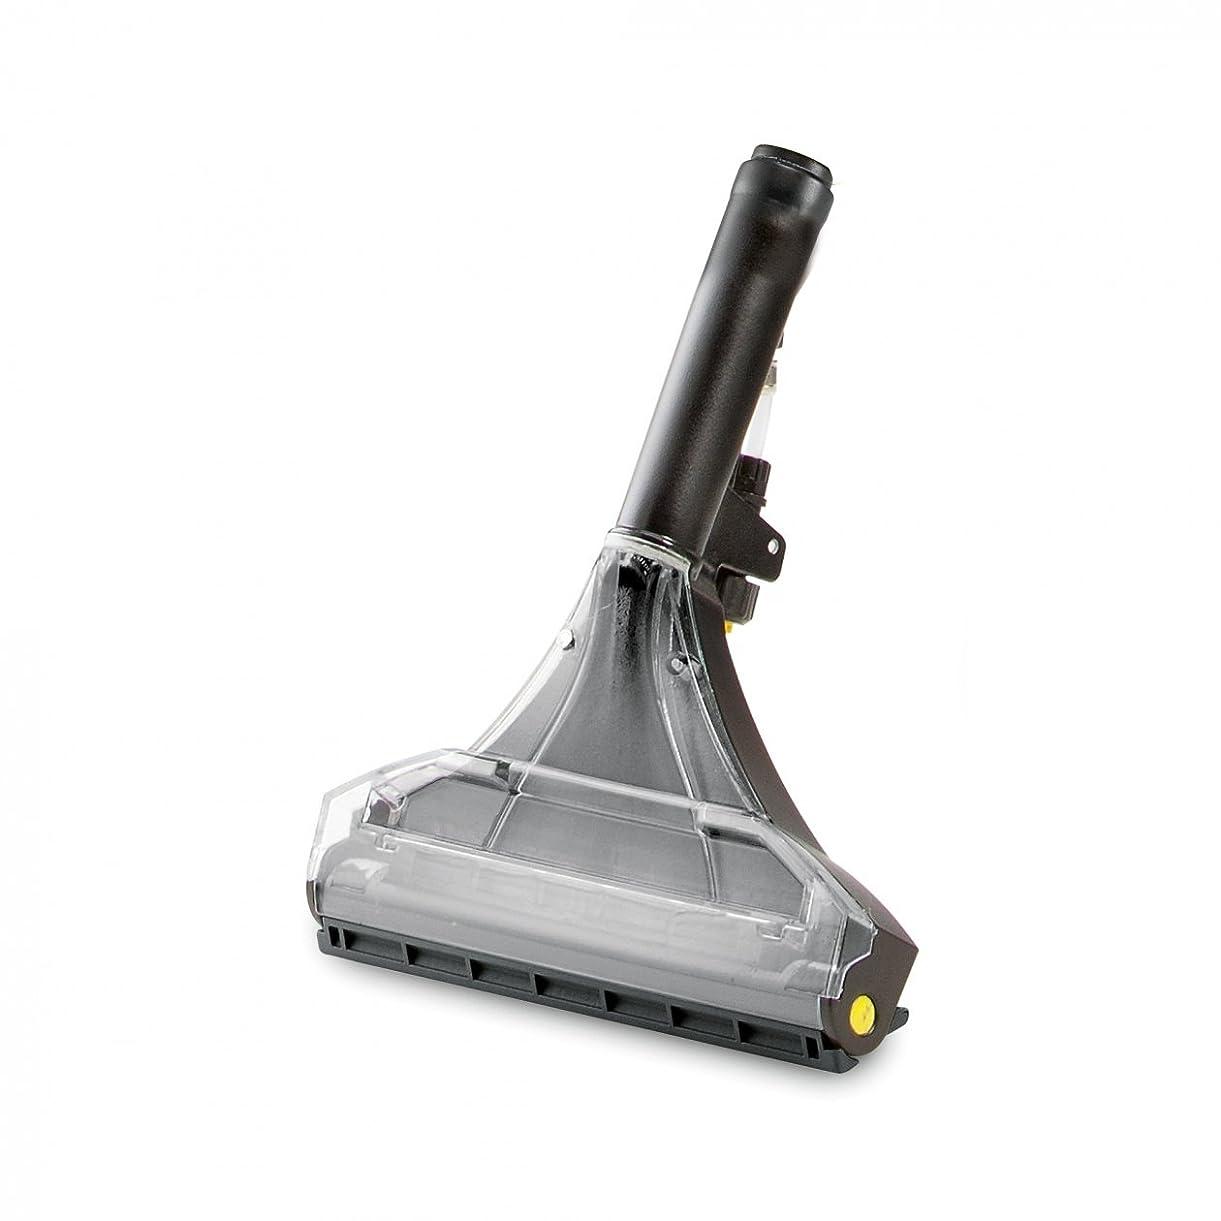 許可するうなるクラウンケルヒャー フロアツール カーペットリンスクリーナー用 (4.130-007.0)